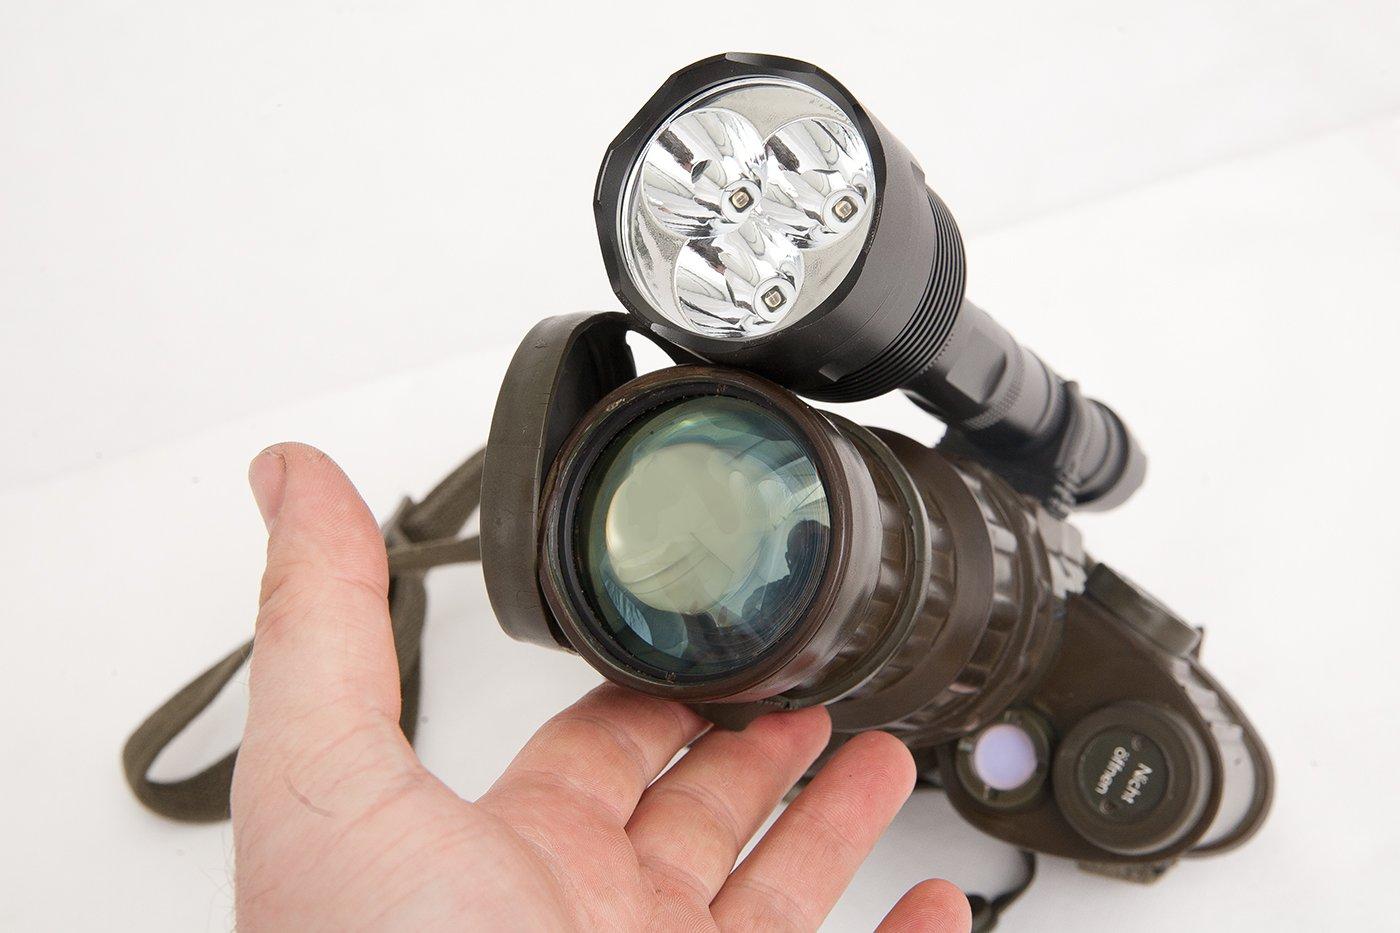 Binoculars & Telescopes Nachtsichtgerät Fero51 Bw Beautiful Neue Objektiv-schutzkappe Fürs Fero 51 Bundeswehr Ir